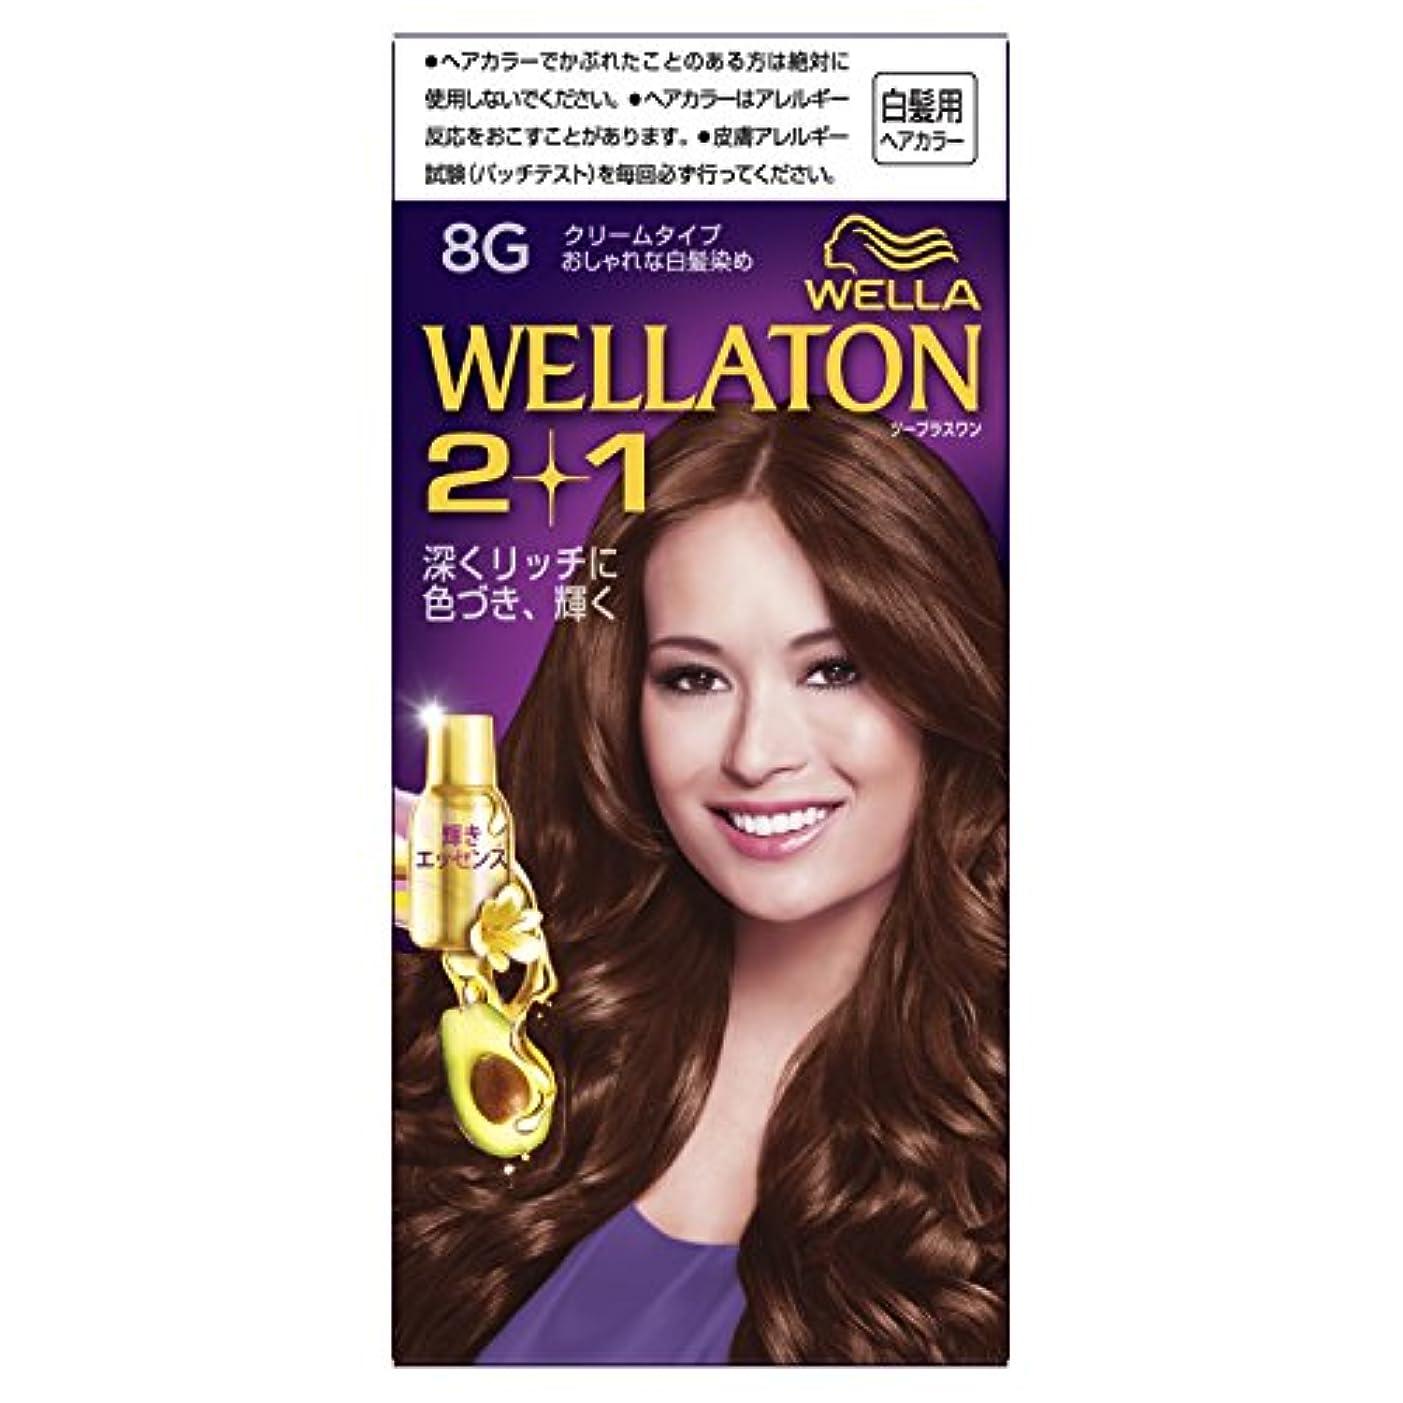 冷ややかな船尾ブレスウエラトーン2+1 クリームタイプ 8G [医薬部外品](おしゃれな白髪染め)